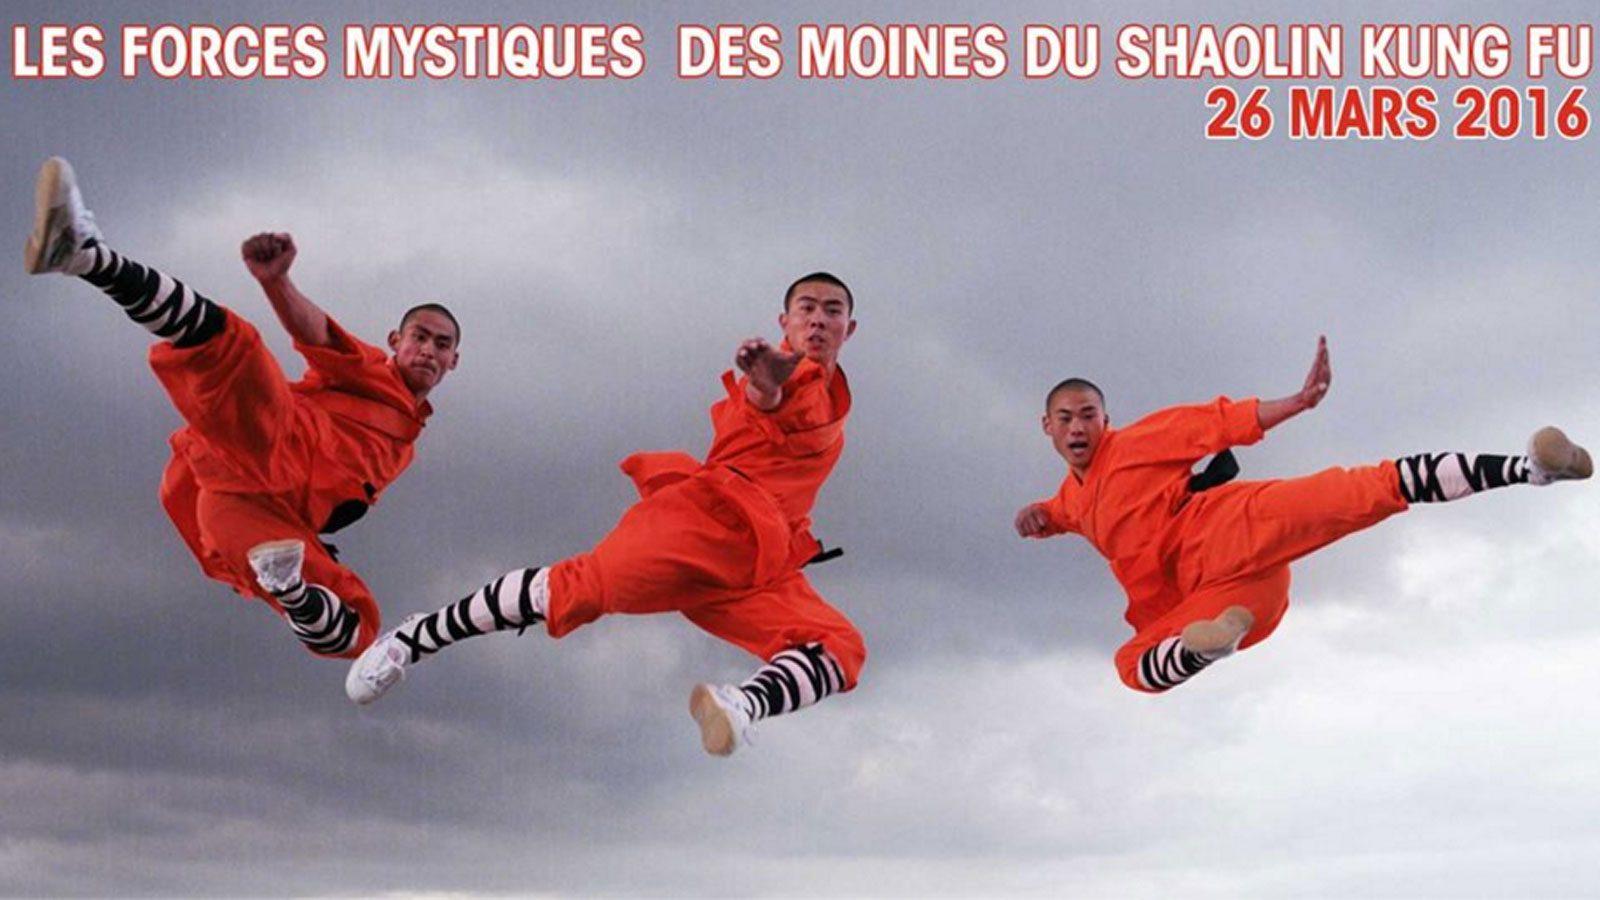 Photo of Le pouvoir des Moines Shaolin au Seven casino d'Amnéville